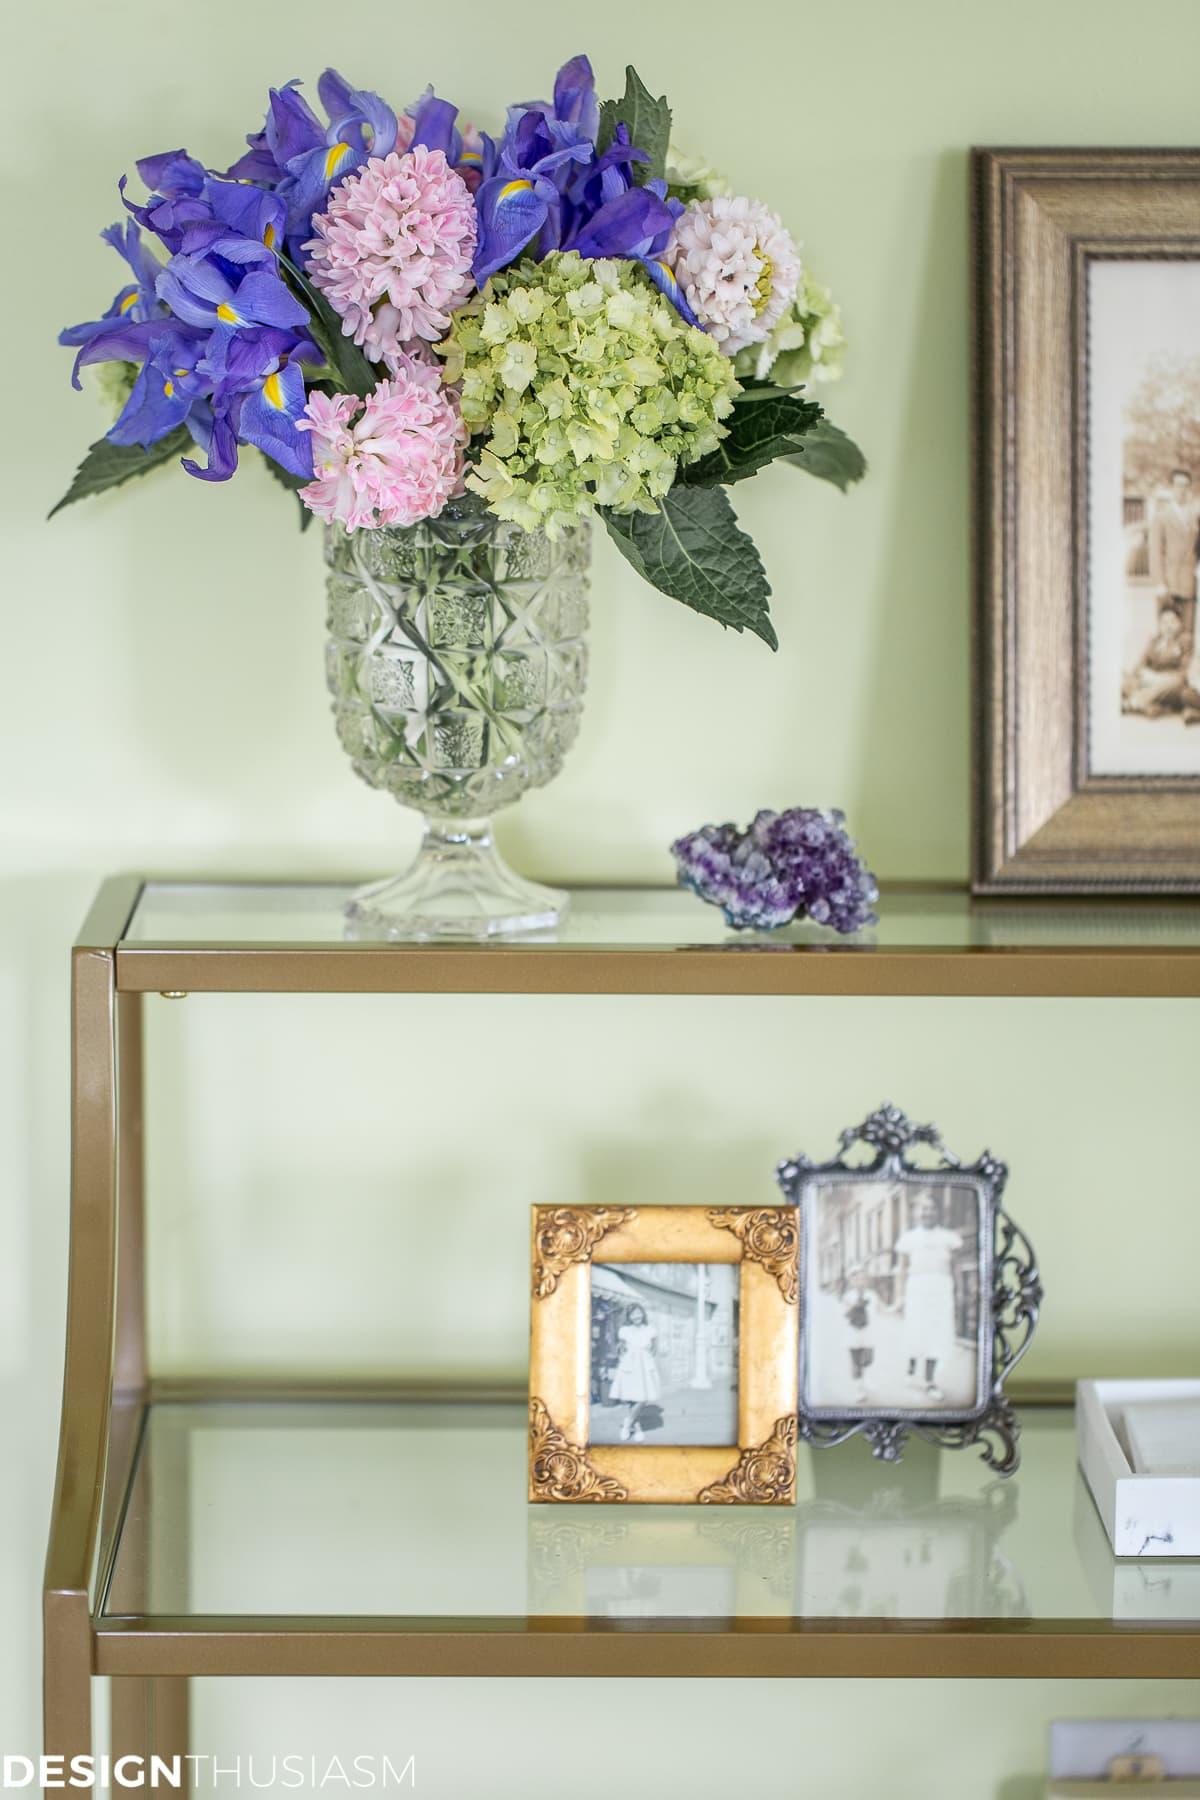 floral on bedroom shelves